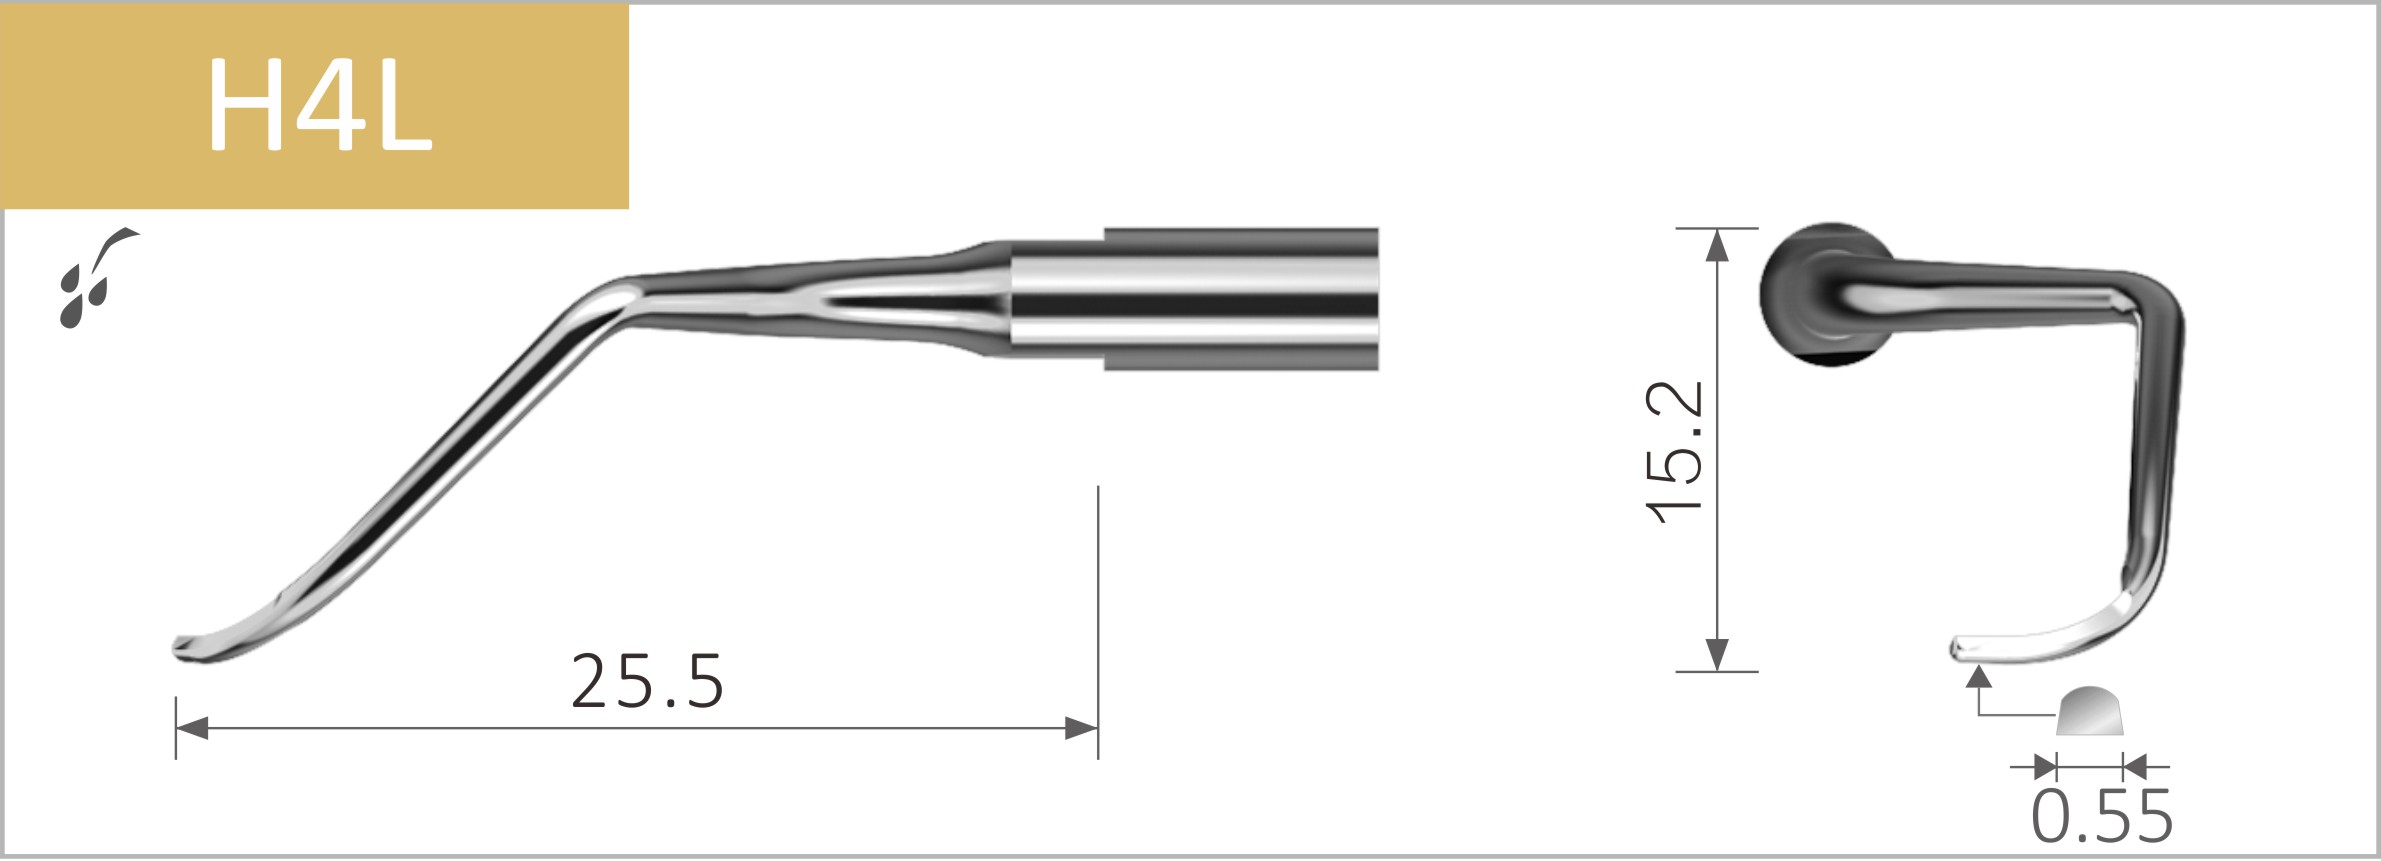 Kompatible Spitzen für SATELEC Scaler